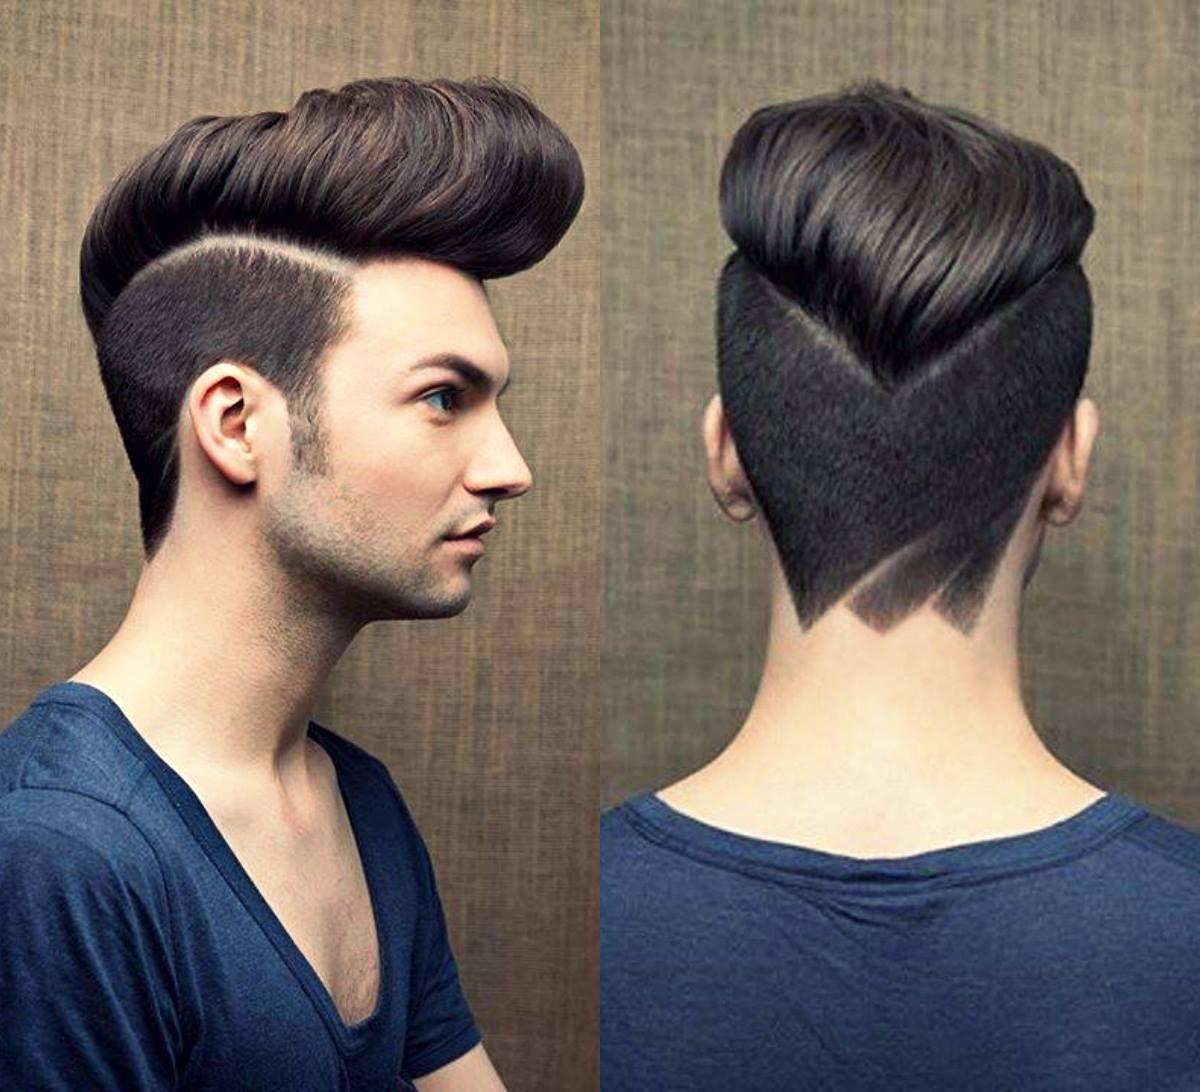 У парня новая причёска